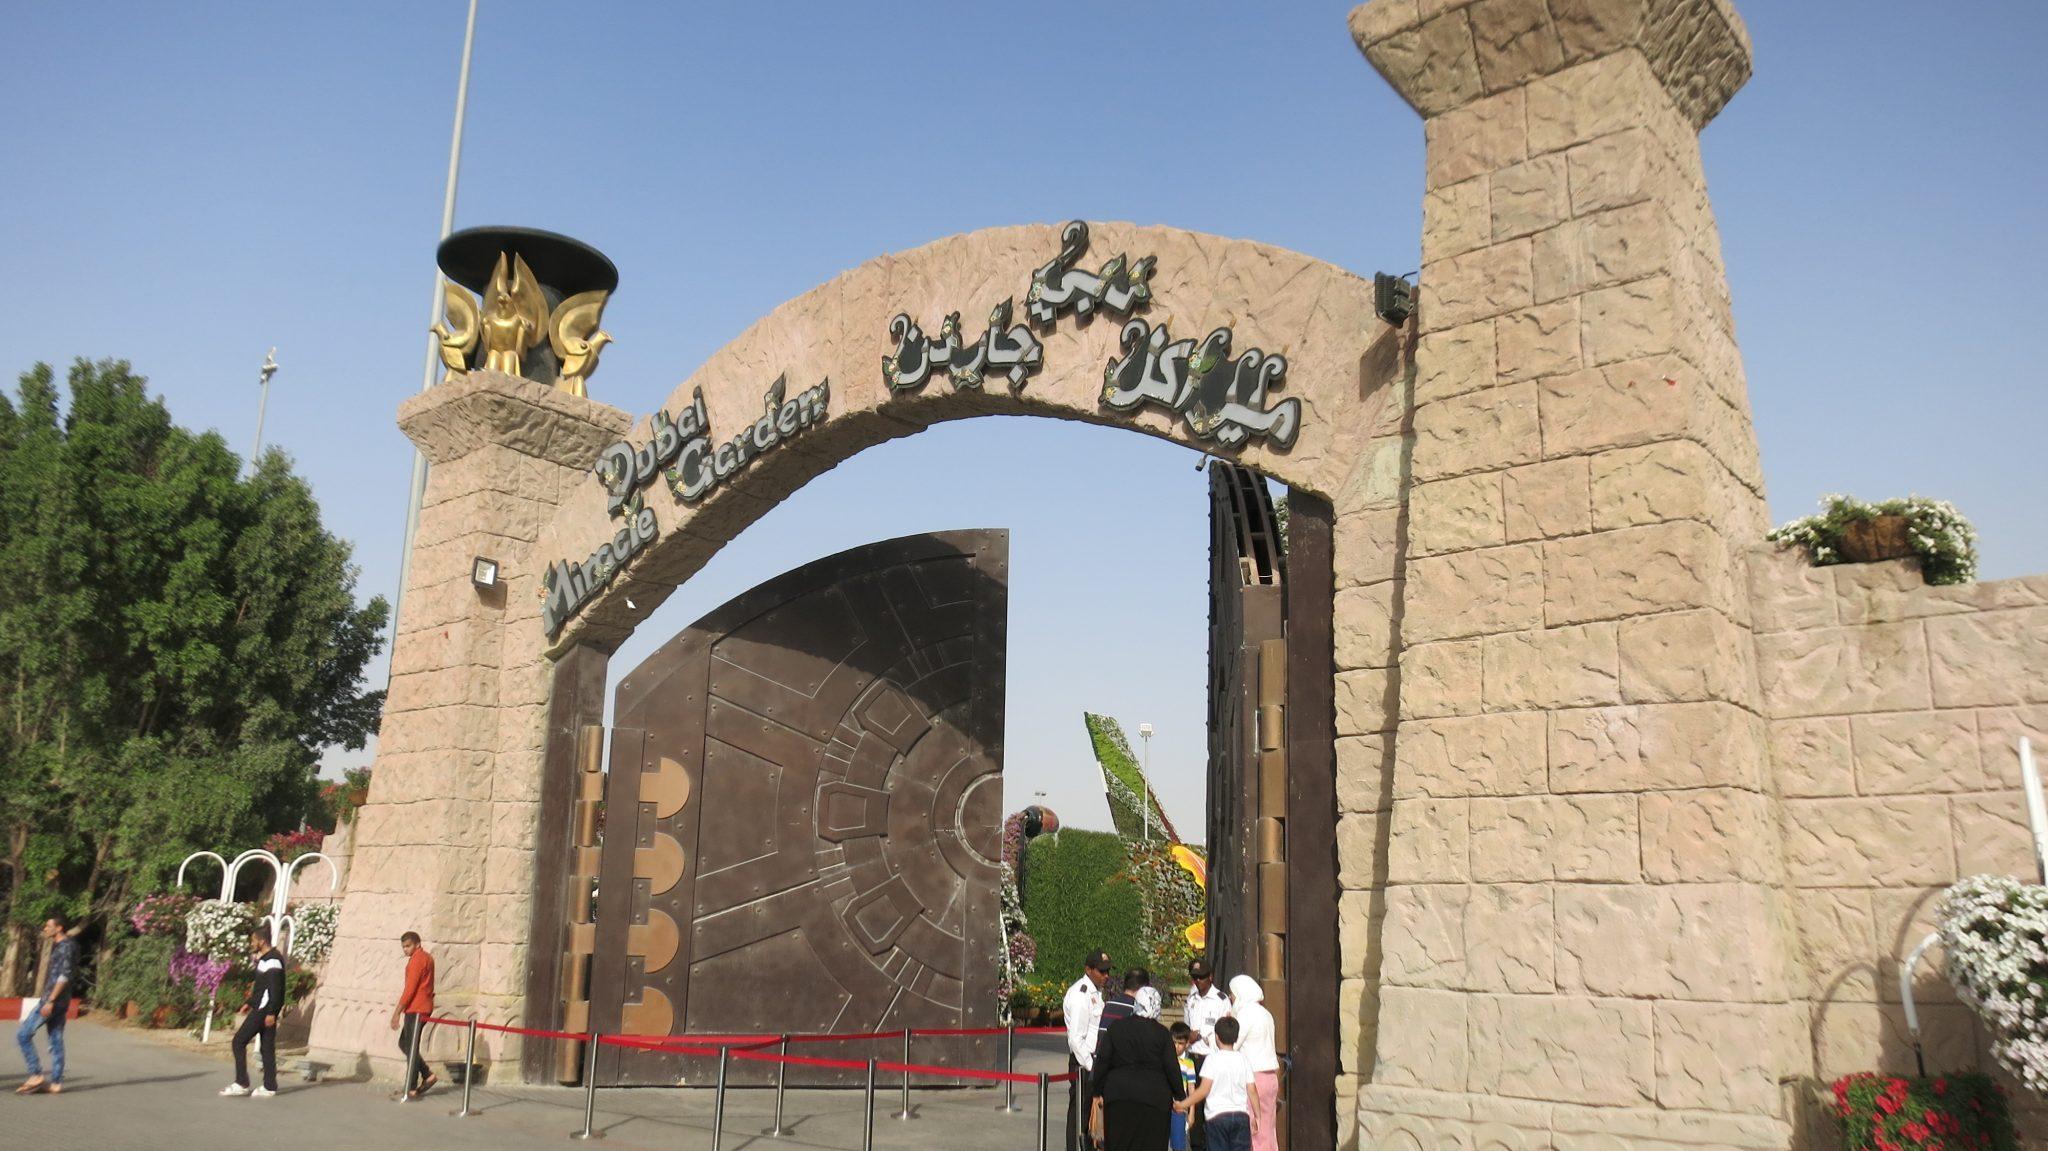 The entrance gate to Dubai Miracle Garden